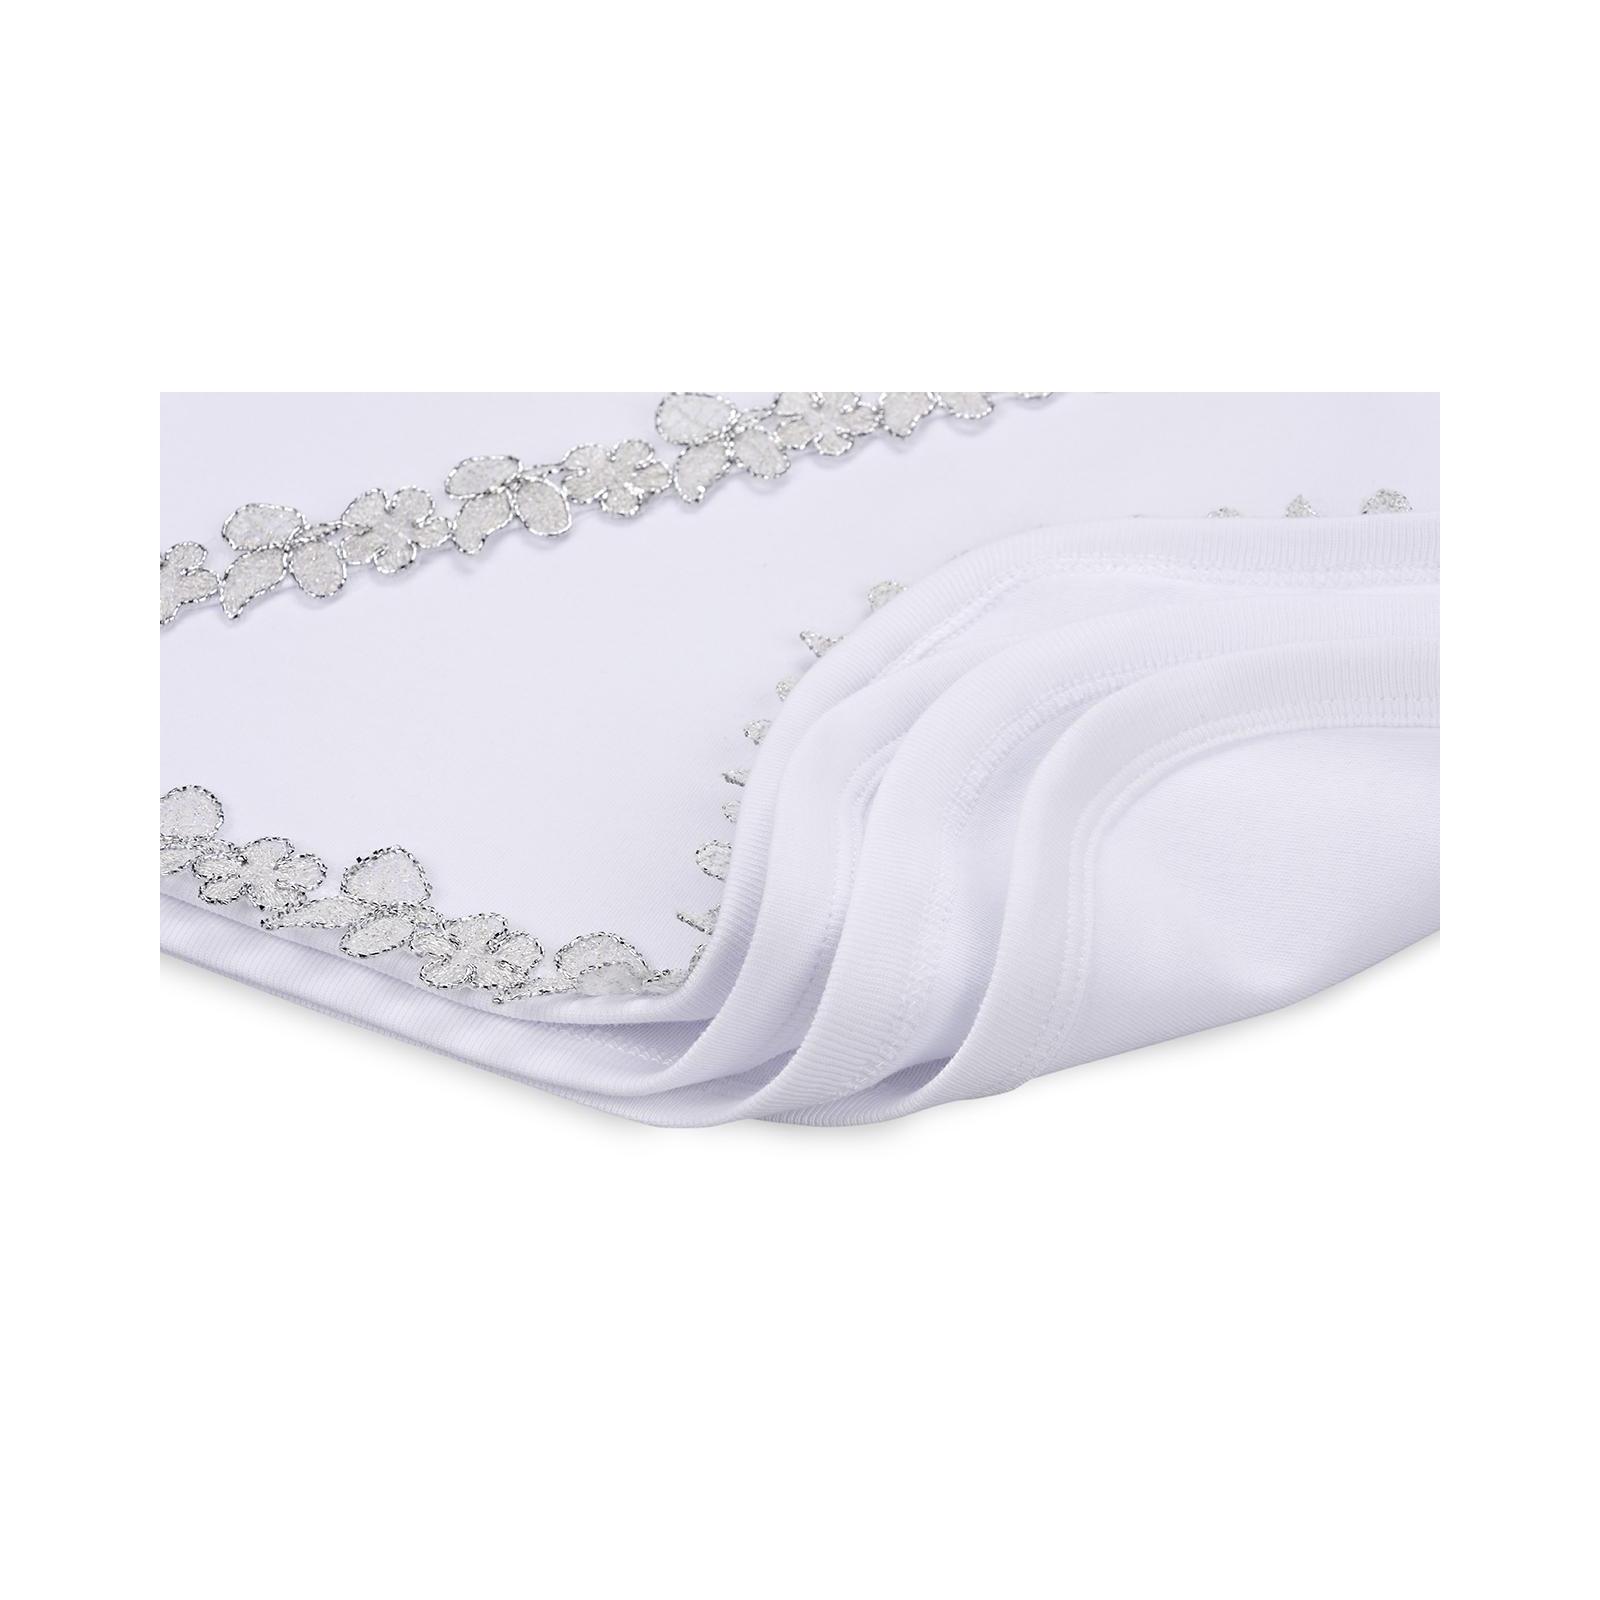 Крыжма Интеркидс с серебряной тесьмой (2456-white) изображение 4